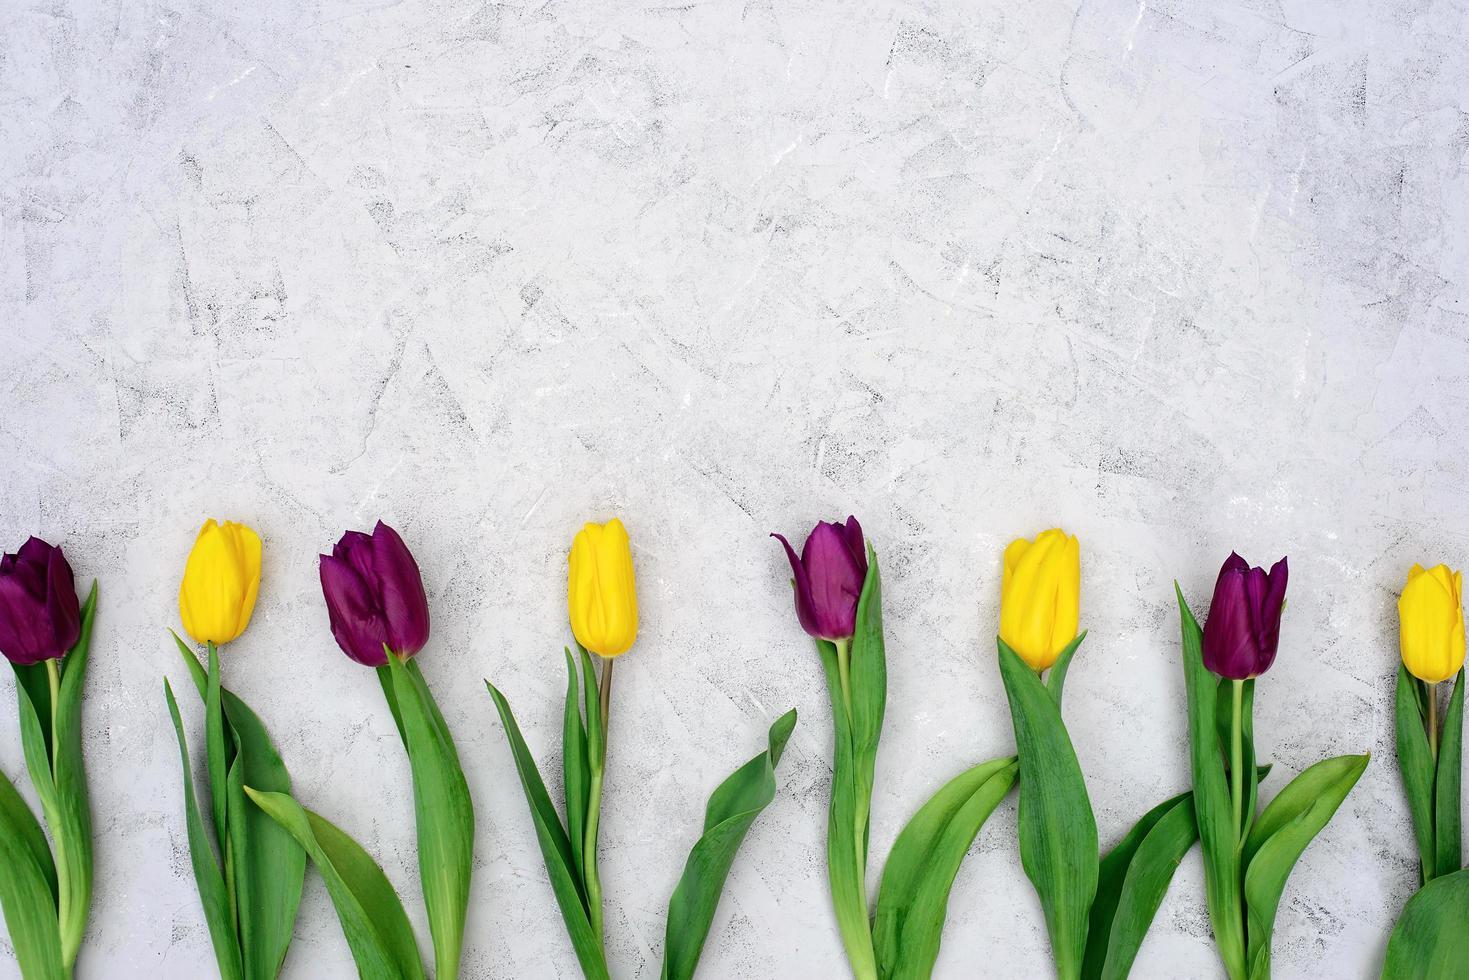 una fila di fiori di tulipano primaverile giallo e viola su uno sfondo di pietra chiara. posa piatta. copia spazio. festa della mamma. giornata internazionale della donna. foto